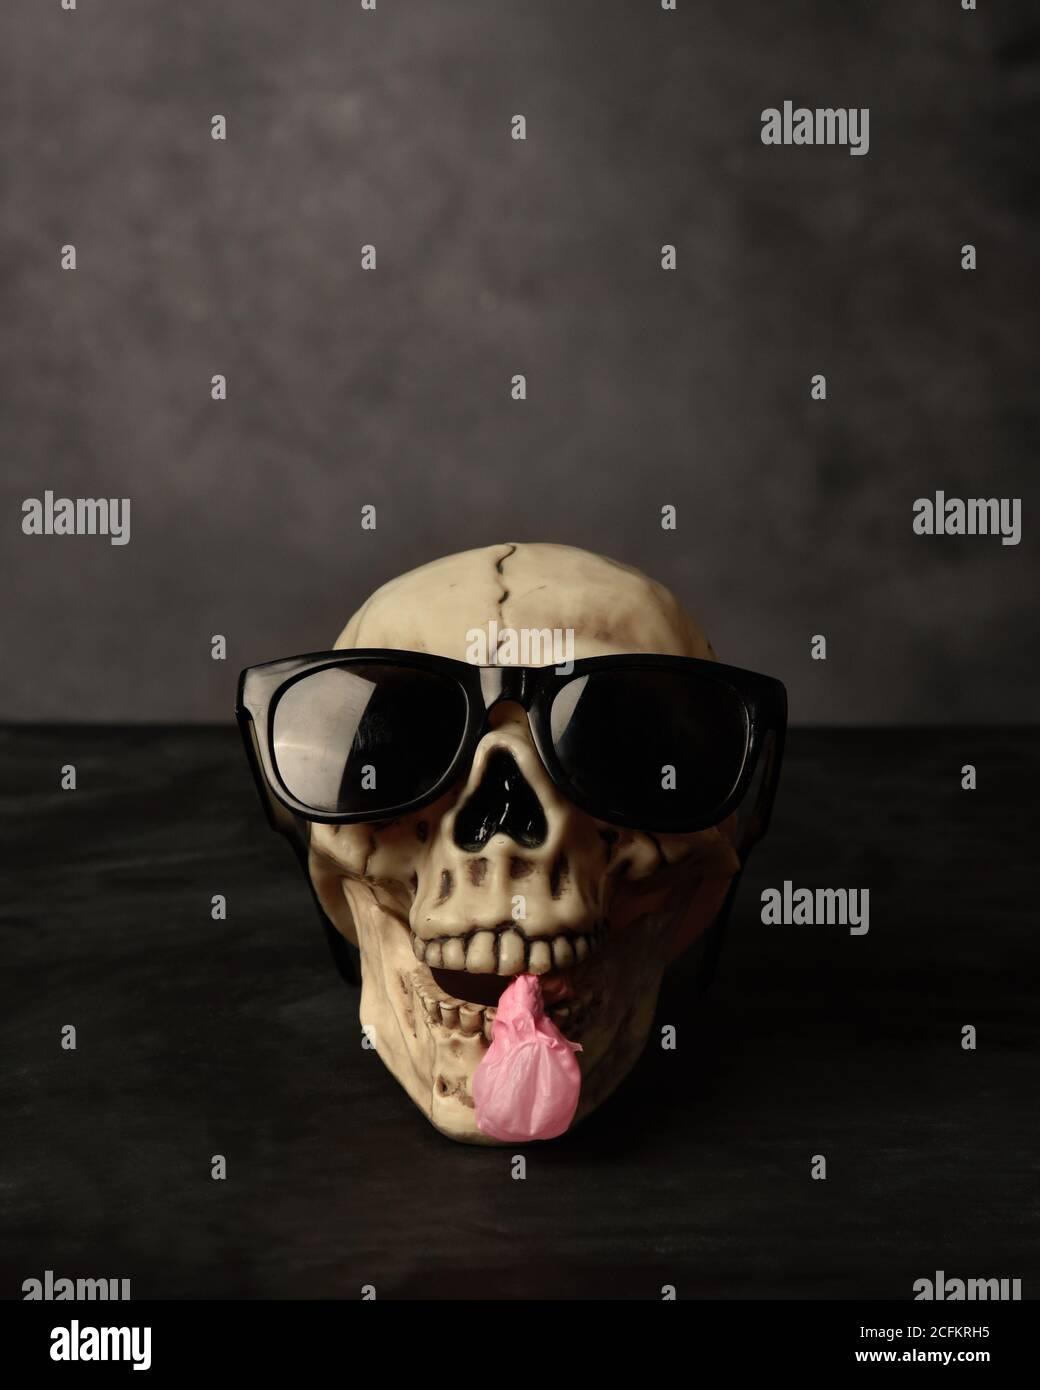 Une prop d'halloween de crâne porte des lunettes de soleil avec une bulle de gomme dans la bouche pour un concept festif de fête saisonnière. Banque D'Images